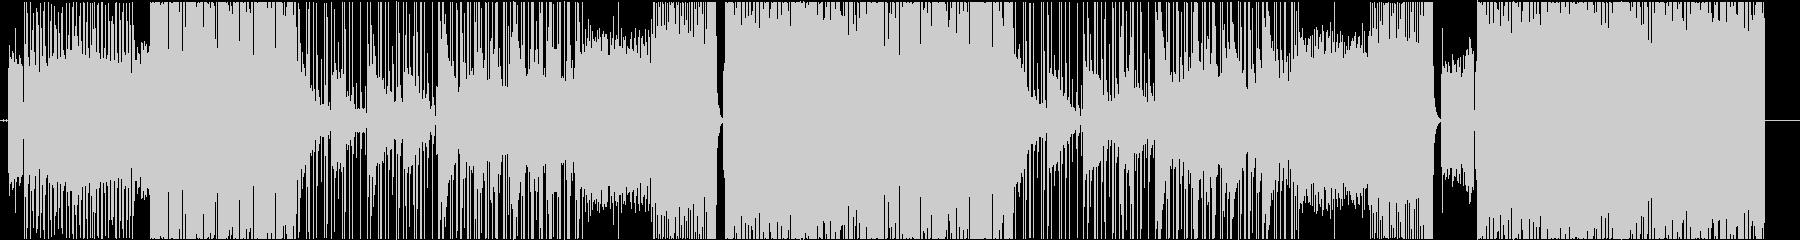 ギタータイプビート trap hiphoの未再生の波形